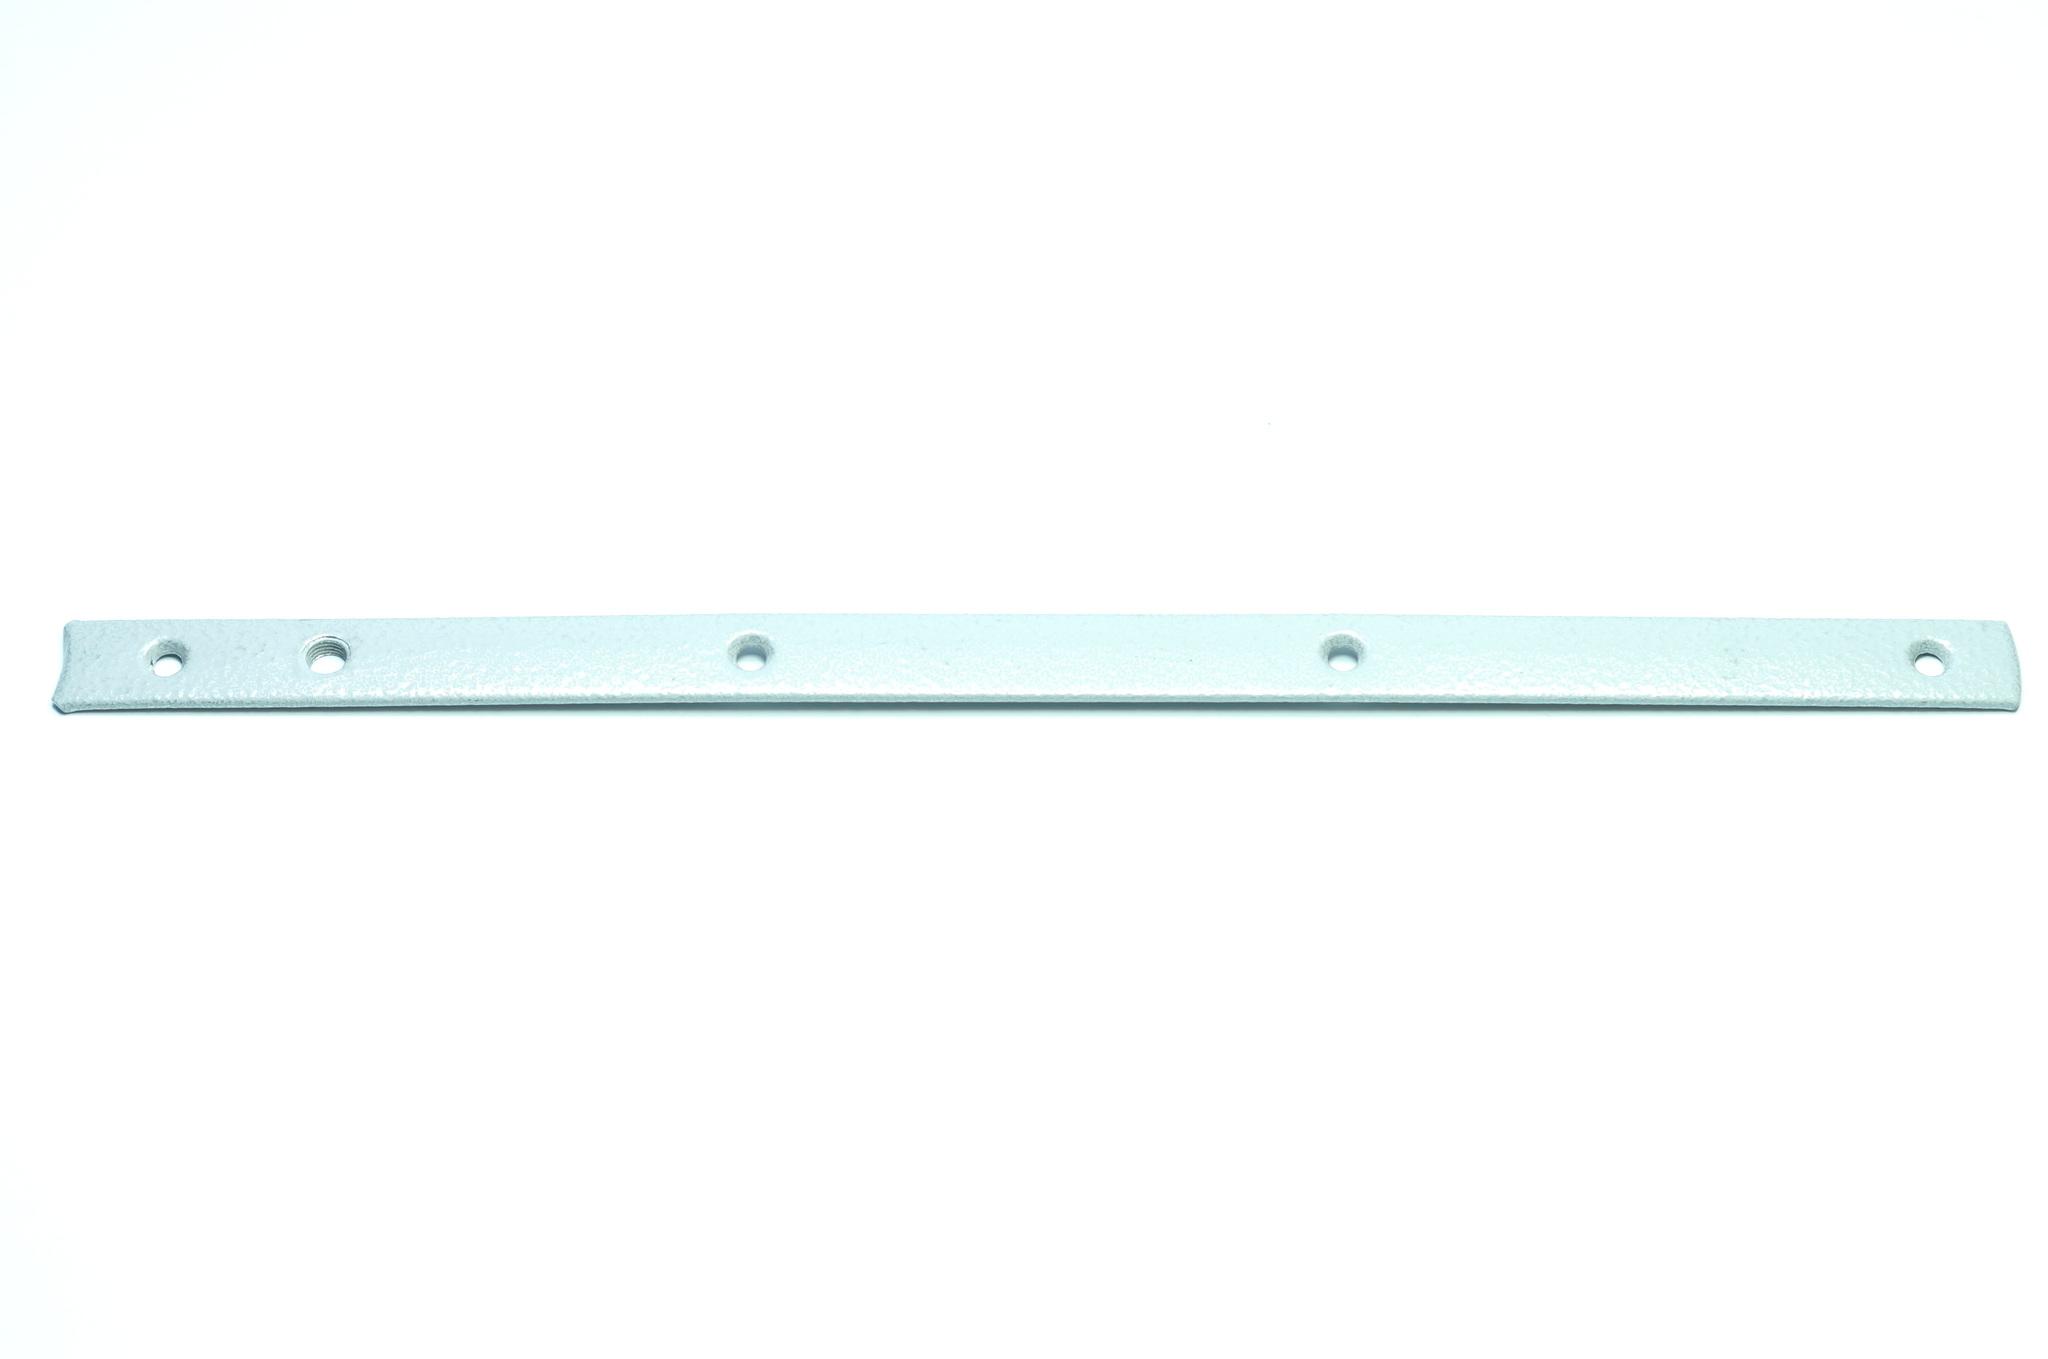 Планка разделительная лобового стекла в салоне ГАЗ М20 Победа